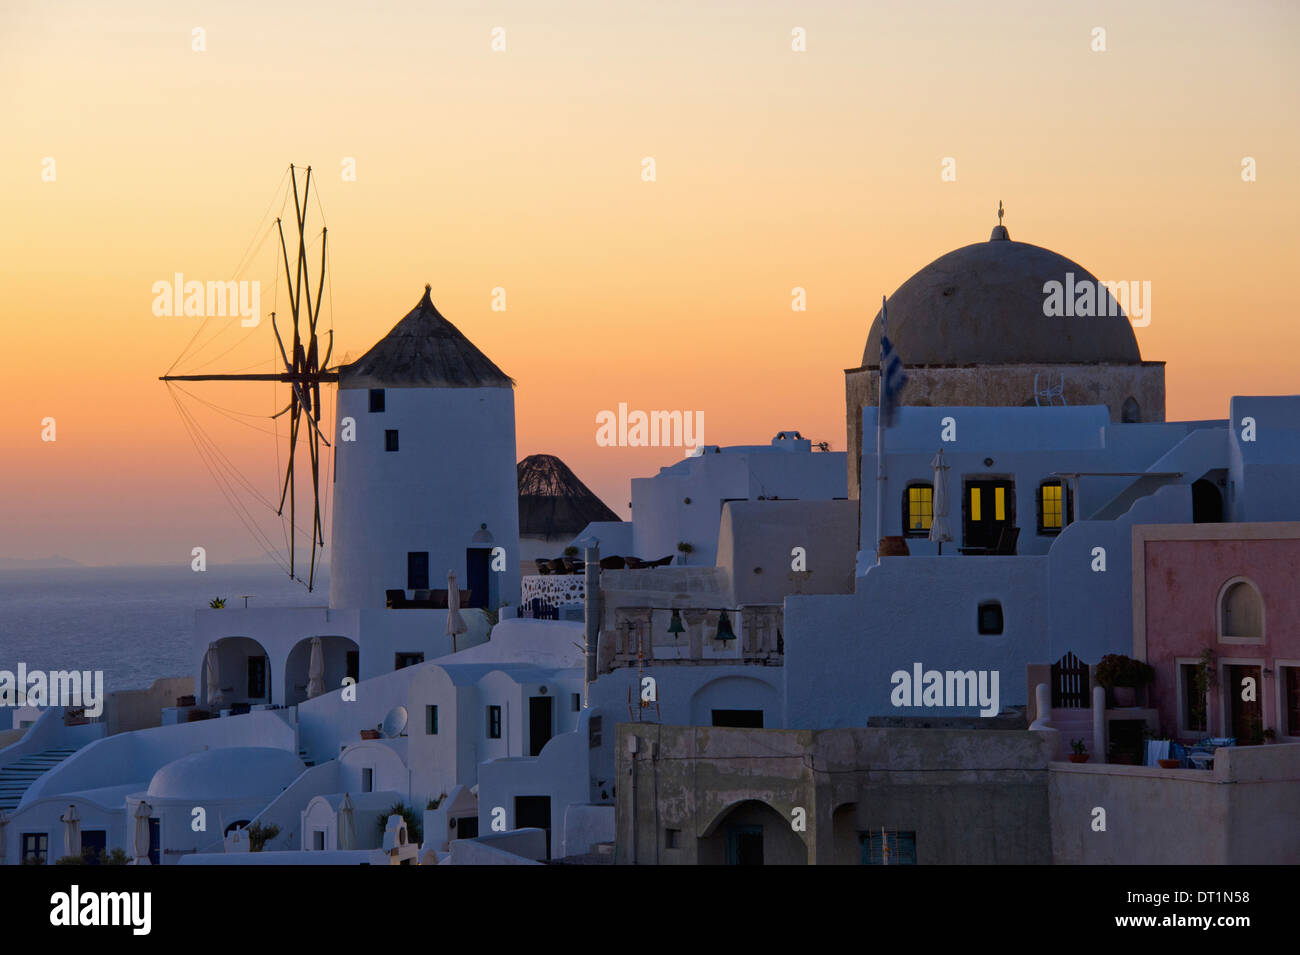 Las históricas casas encaladas de molinos de viento y la iglesia abovedada de Oia en Santorini Island Imagen De Stock